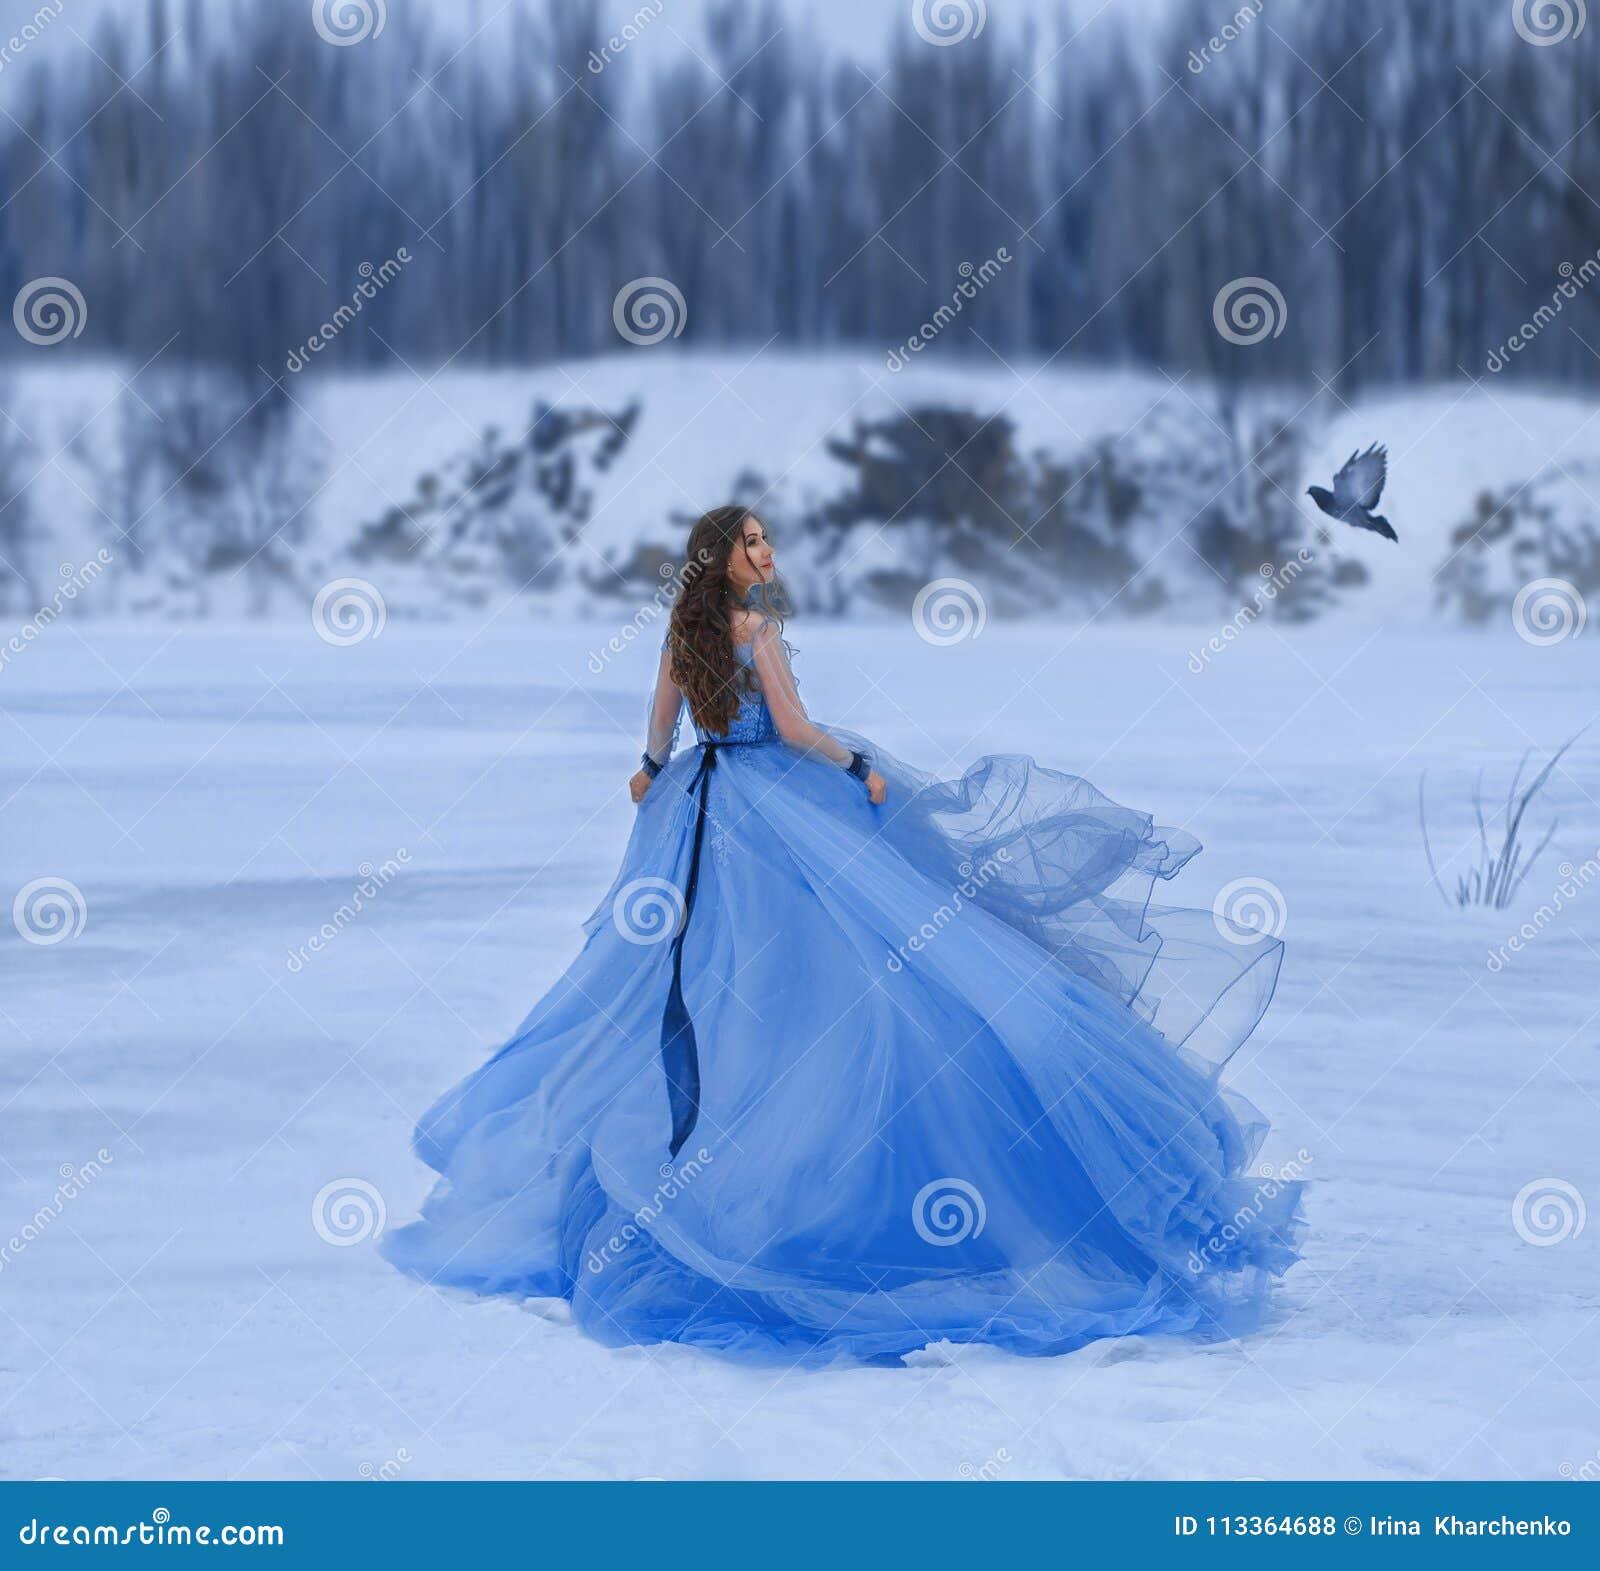 Reine de neige dans une robe luxueuse et luxuriante avec un long train Une fille marche sur un lac congelé couvert de neige Un oi